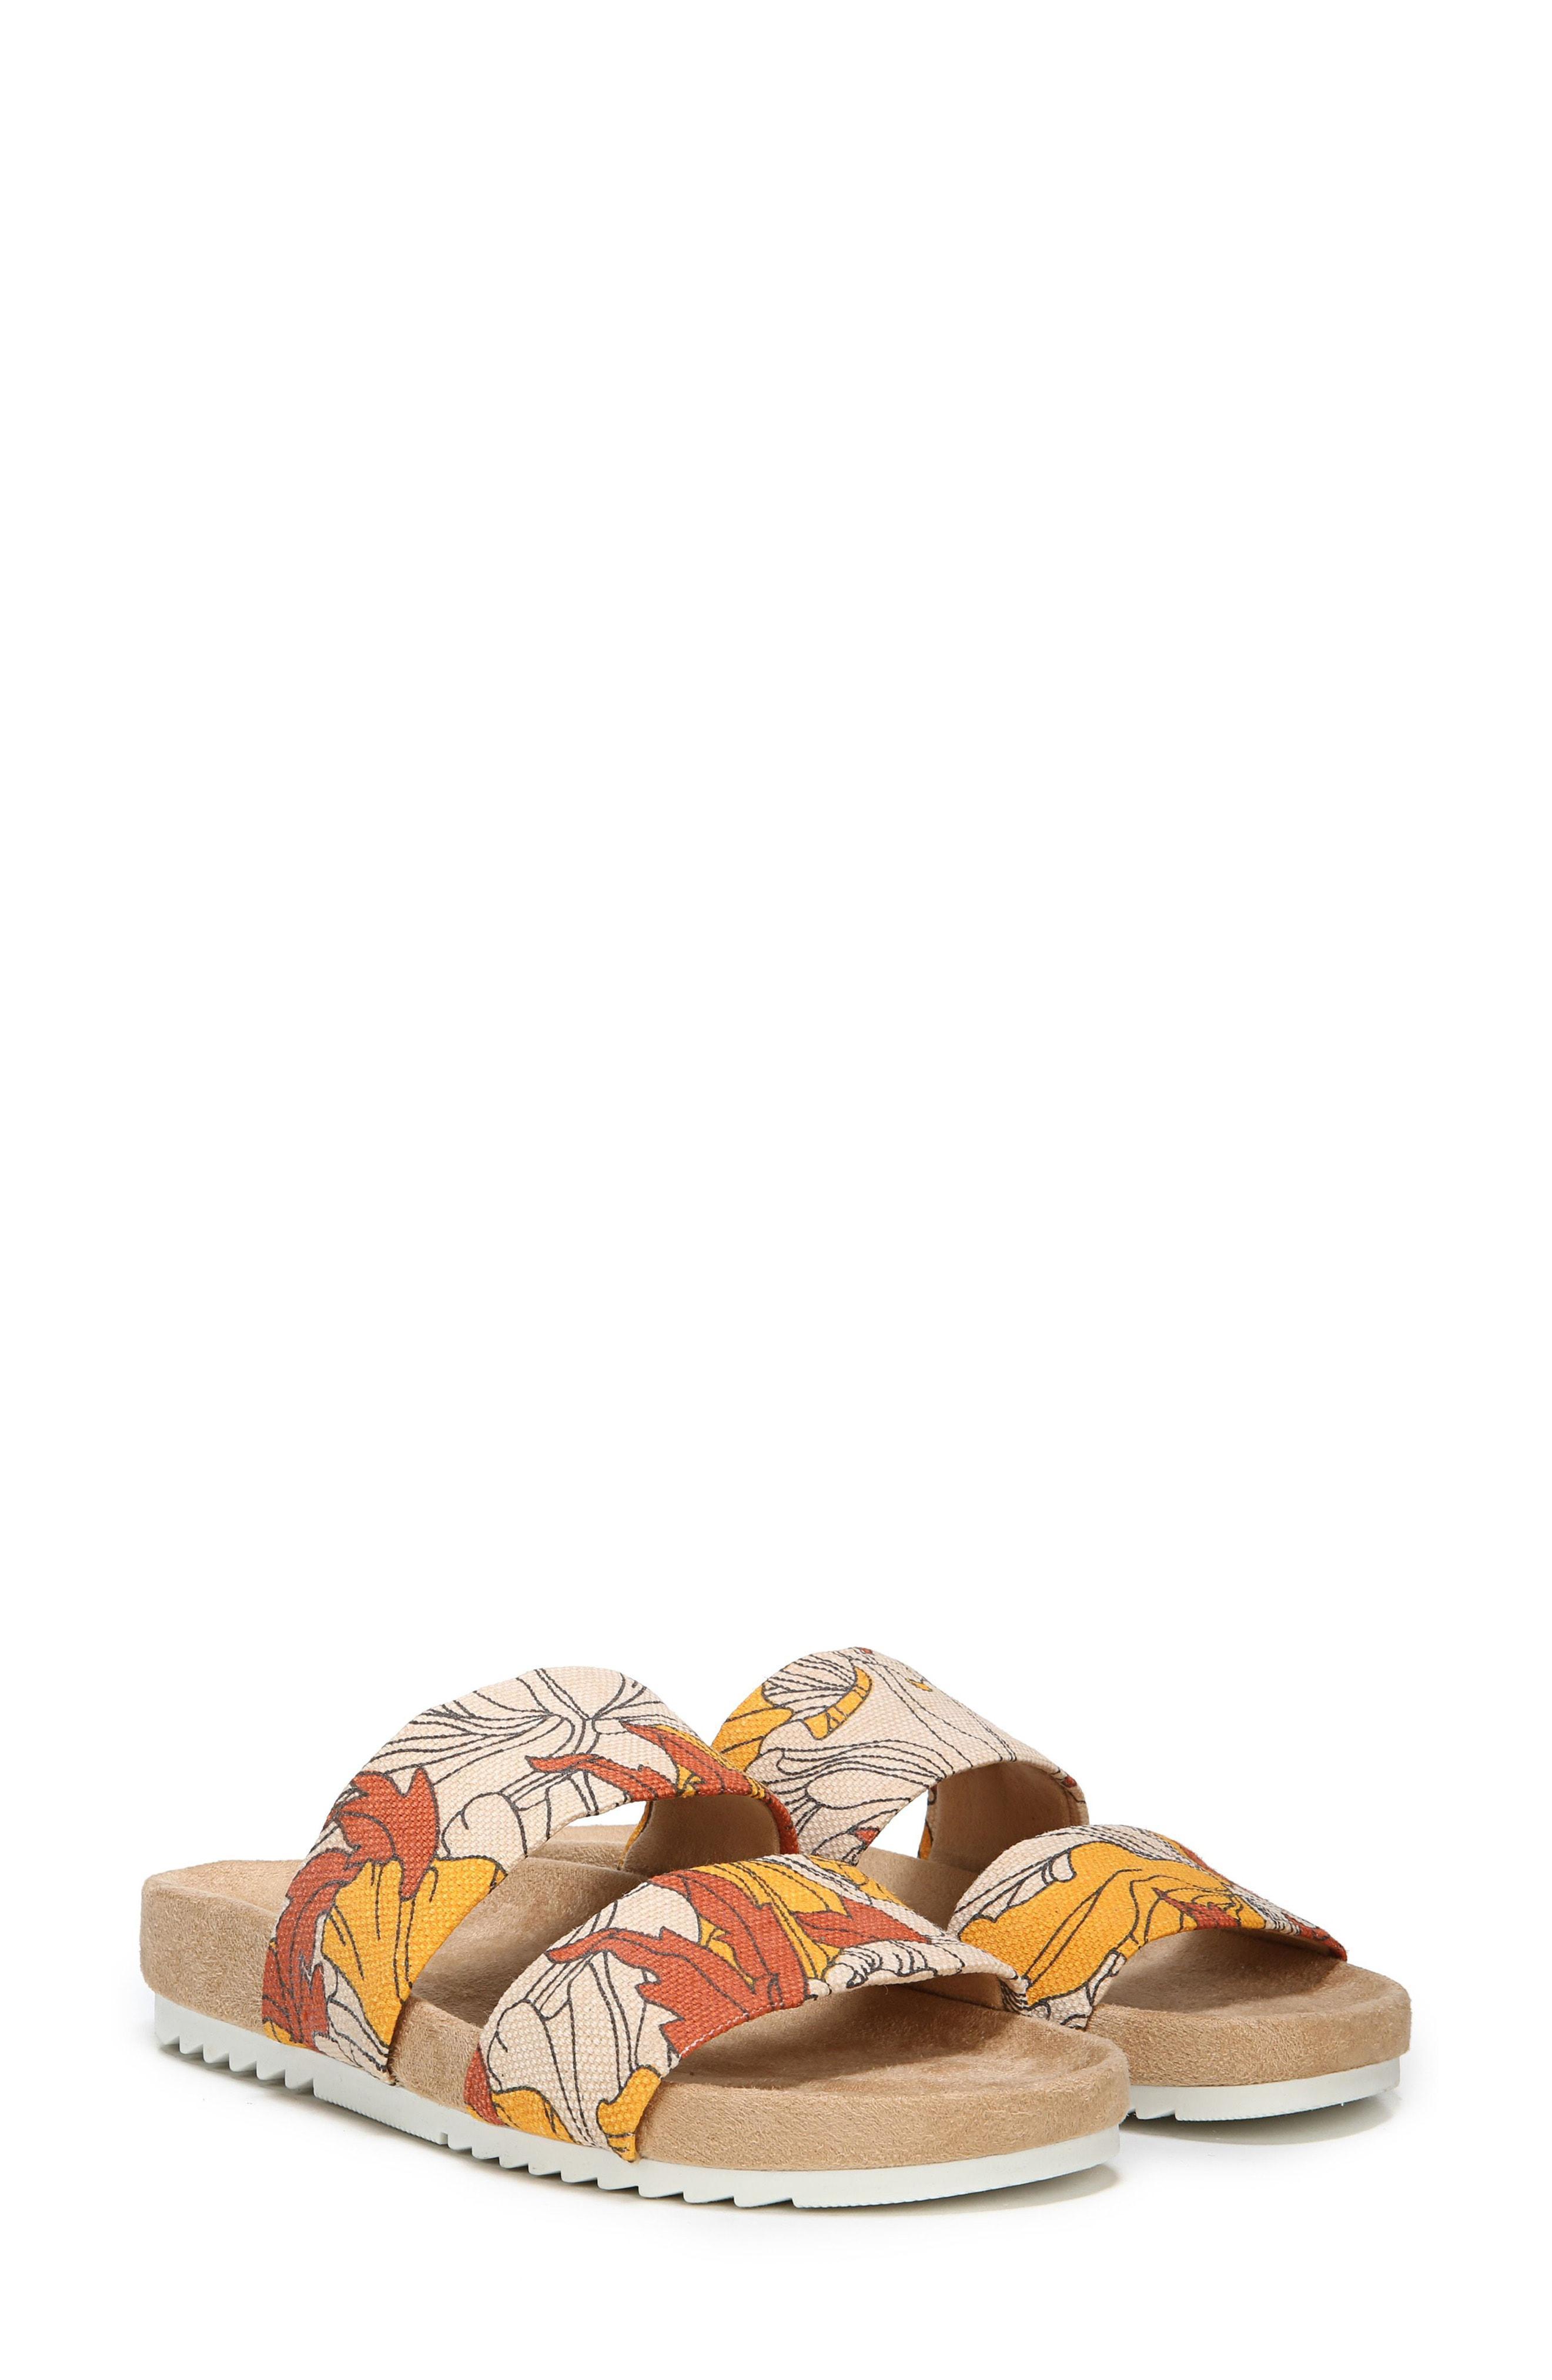 ab352483dffc Lyst - Naturalizer Amabella Slide Sandal in Orange